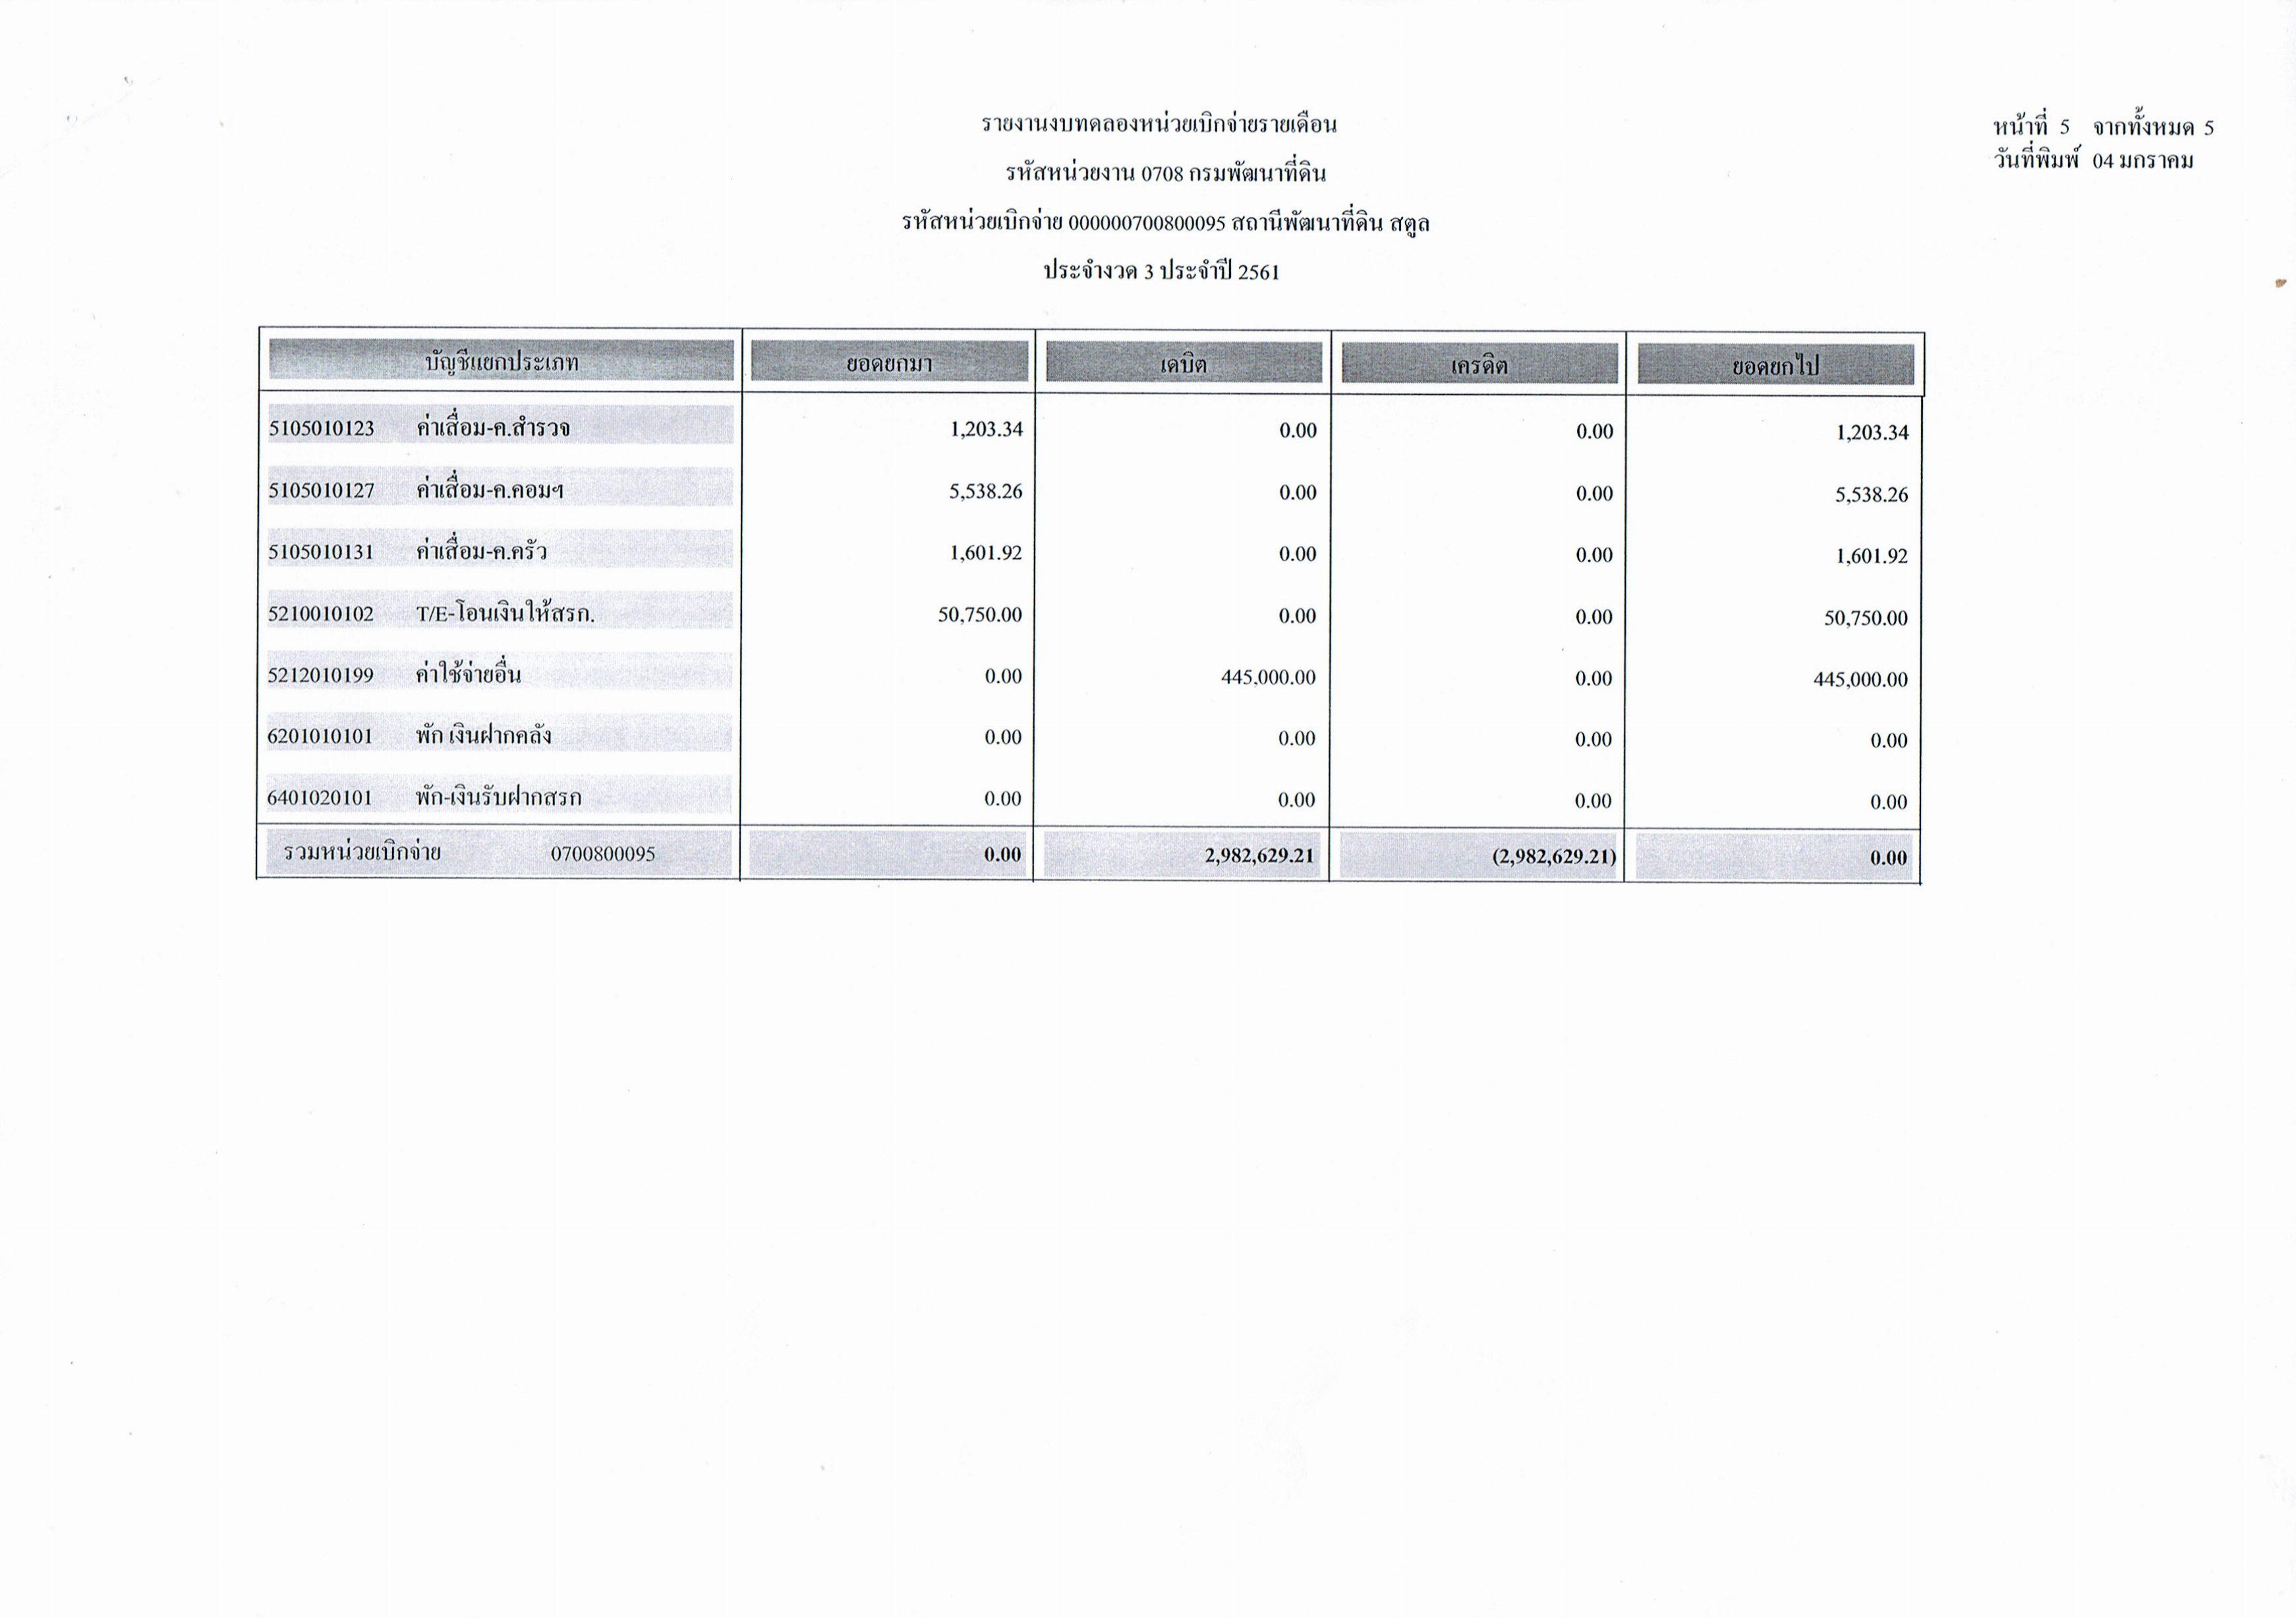 รายงานงบทดลองหน่วยเบิกจ่ายรายเดือนธันวาคม  ประจำงวด 3 ประจำปี 2561 5/5